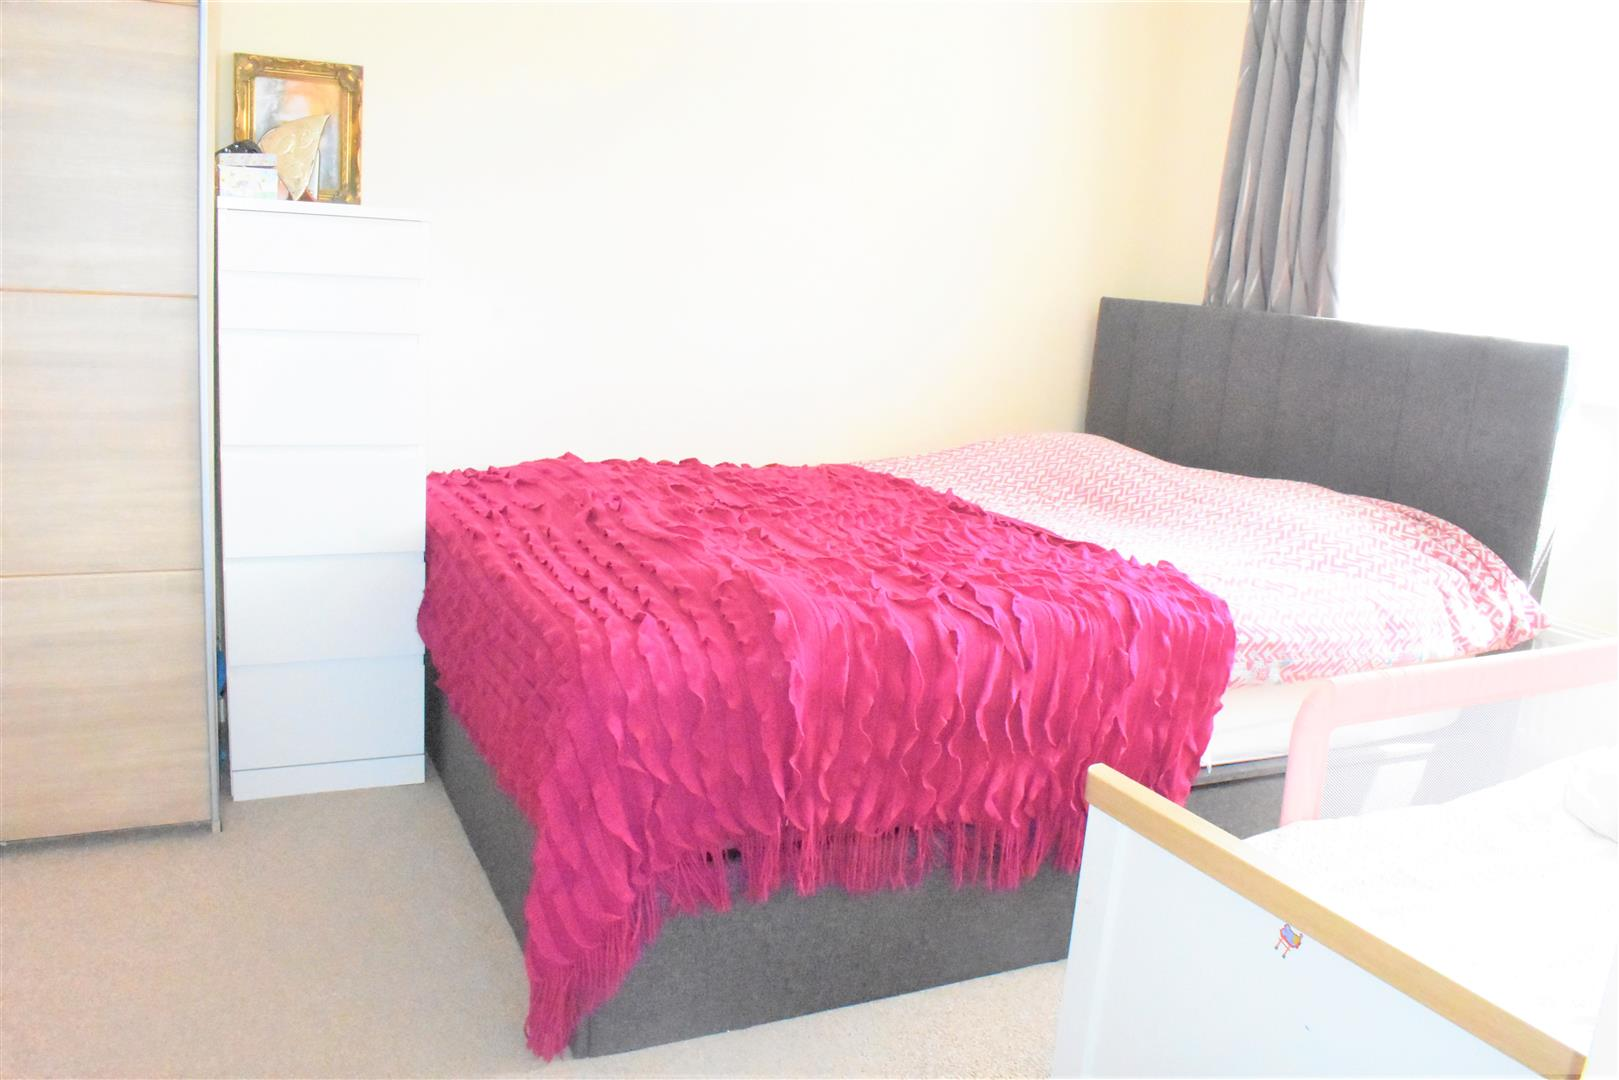 Eastfield Close, Cockett, Townhill, Swansea, SA1 6SG